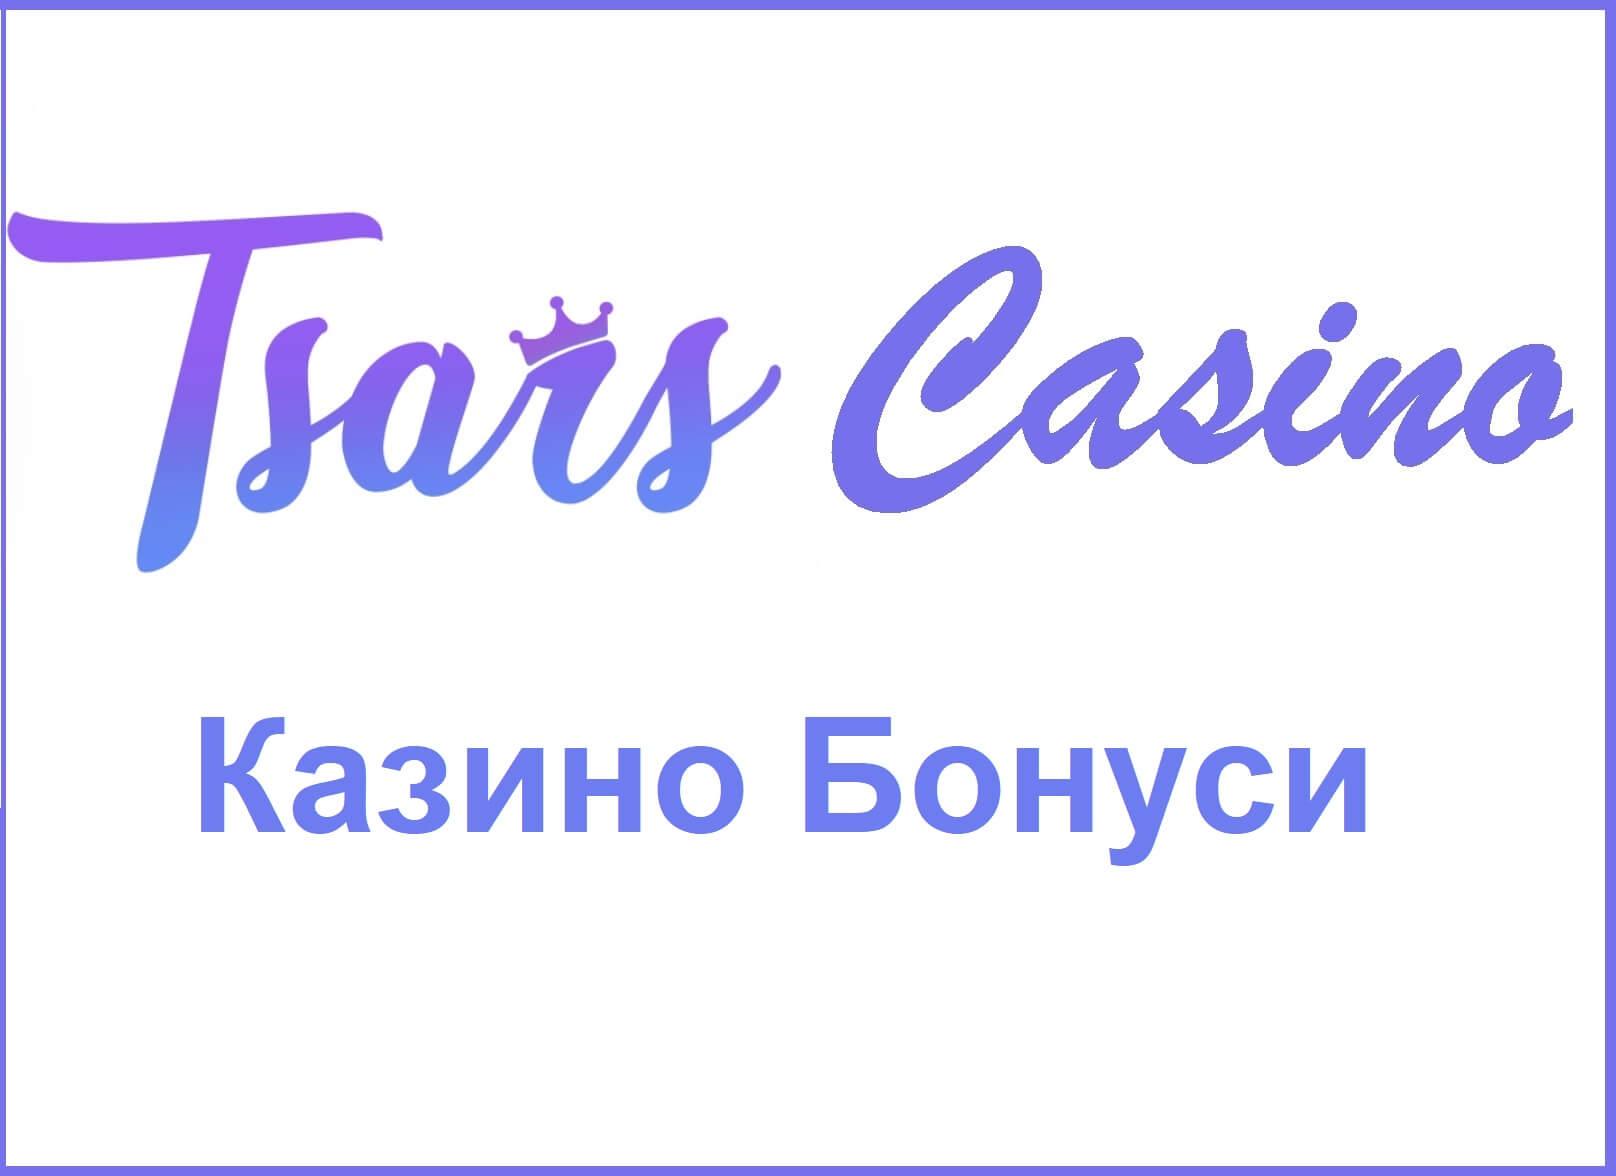 Царс казино бонуси